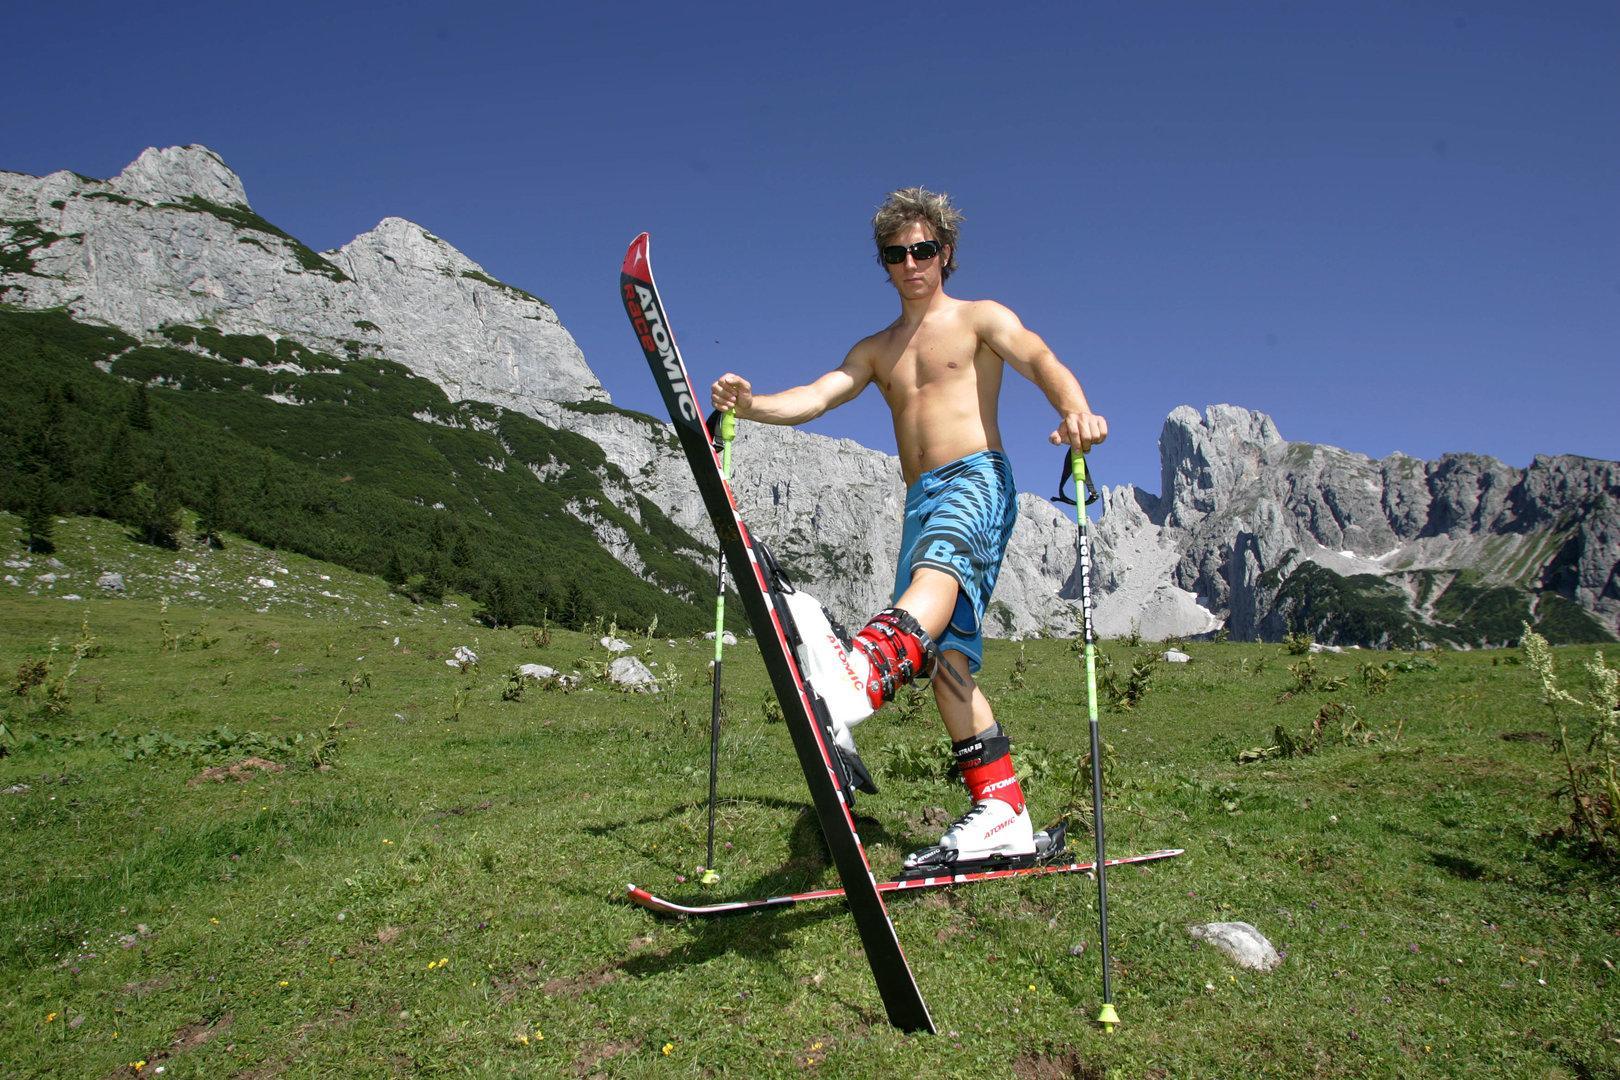 Endet heute die Ski-Regentschaft von Marcel Hirscher?